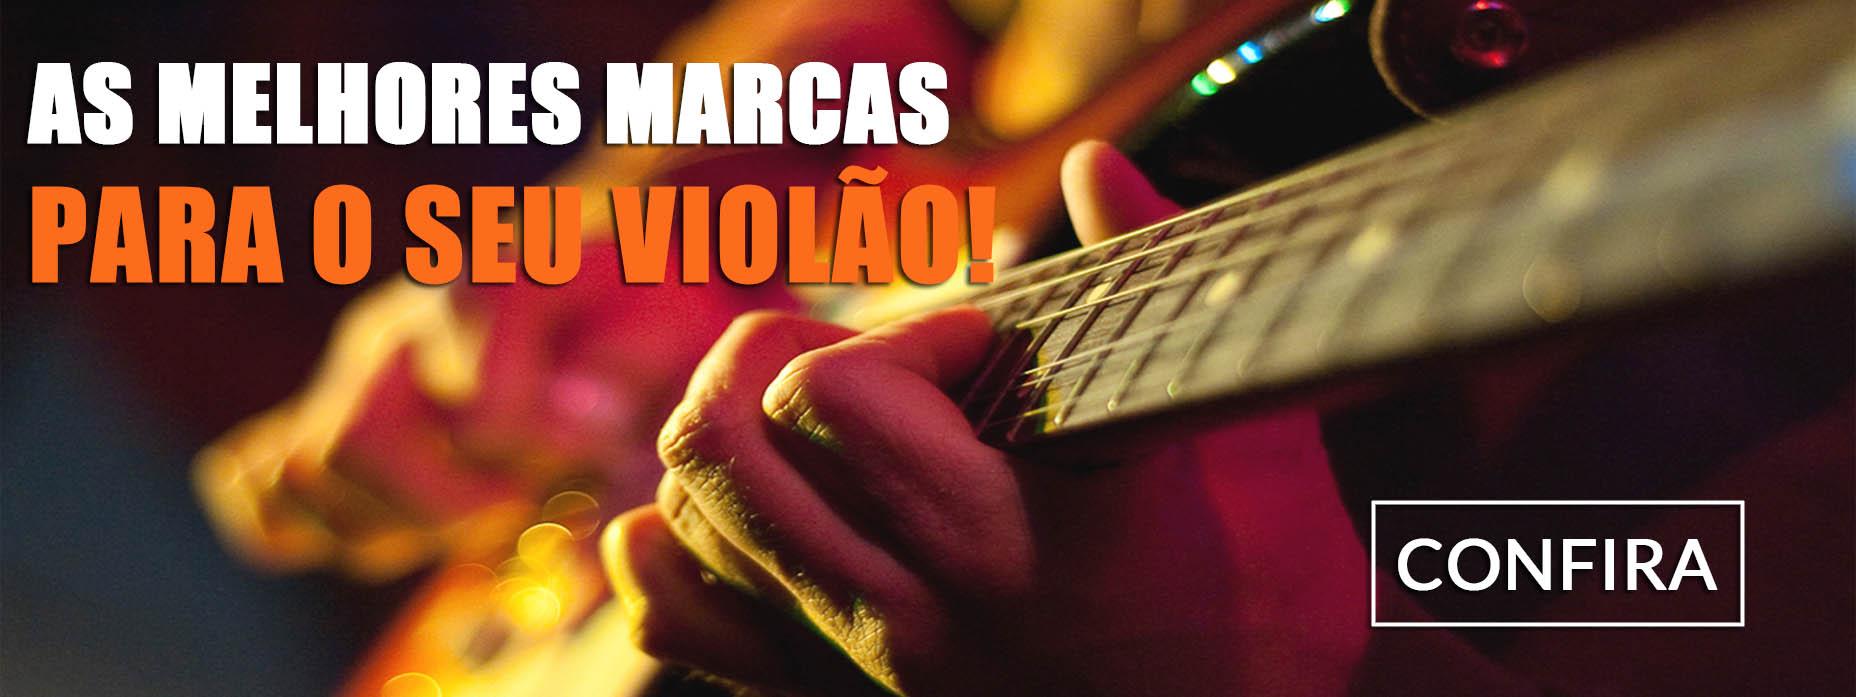 Full Banner - Violao